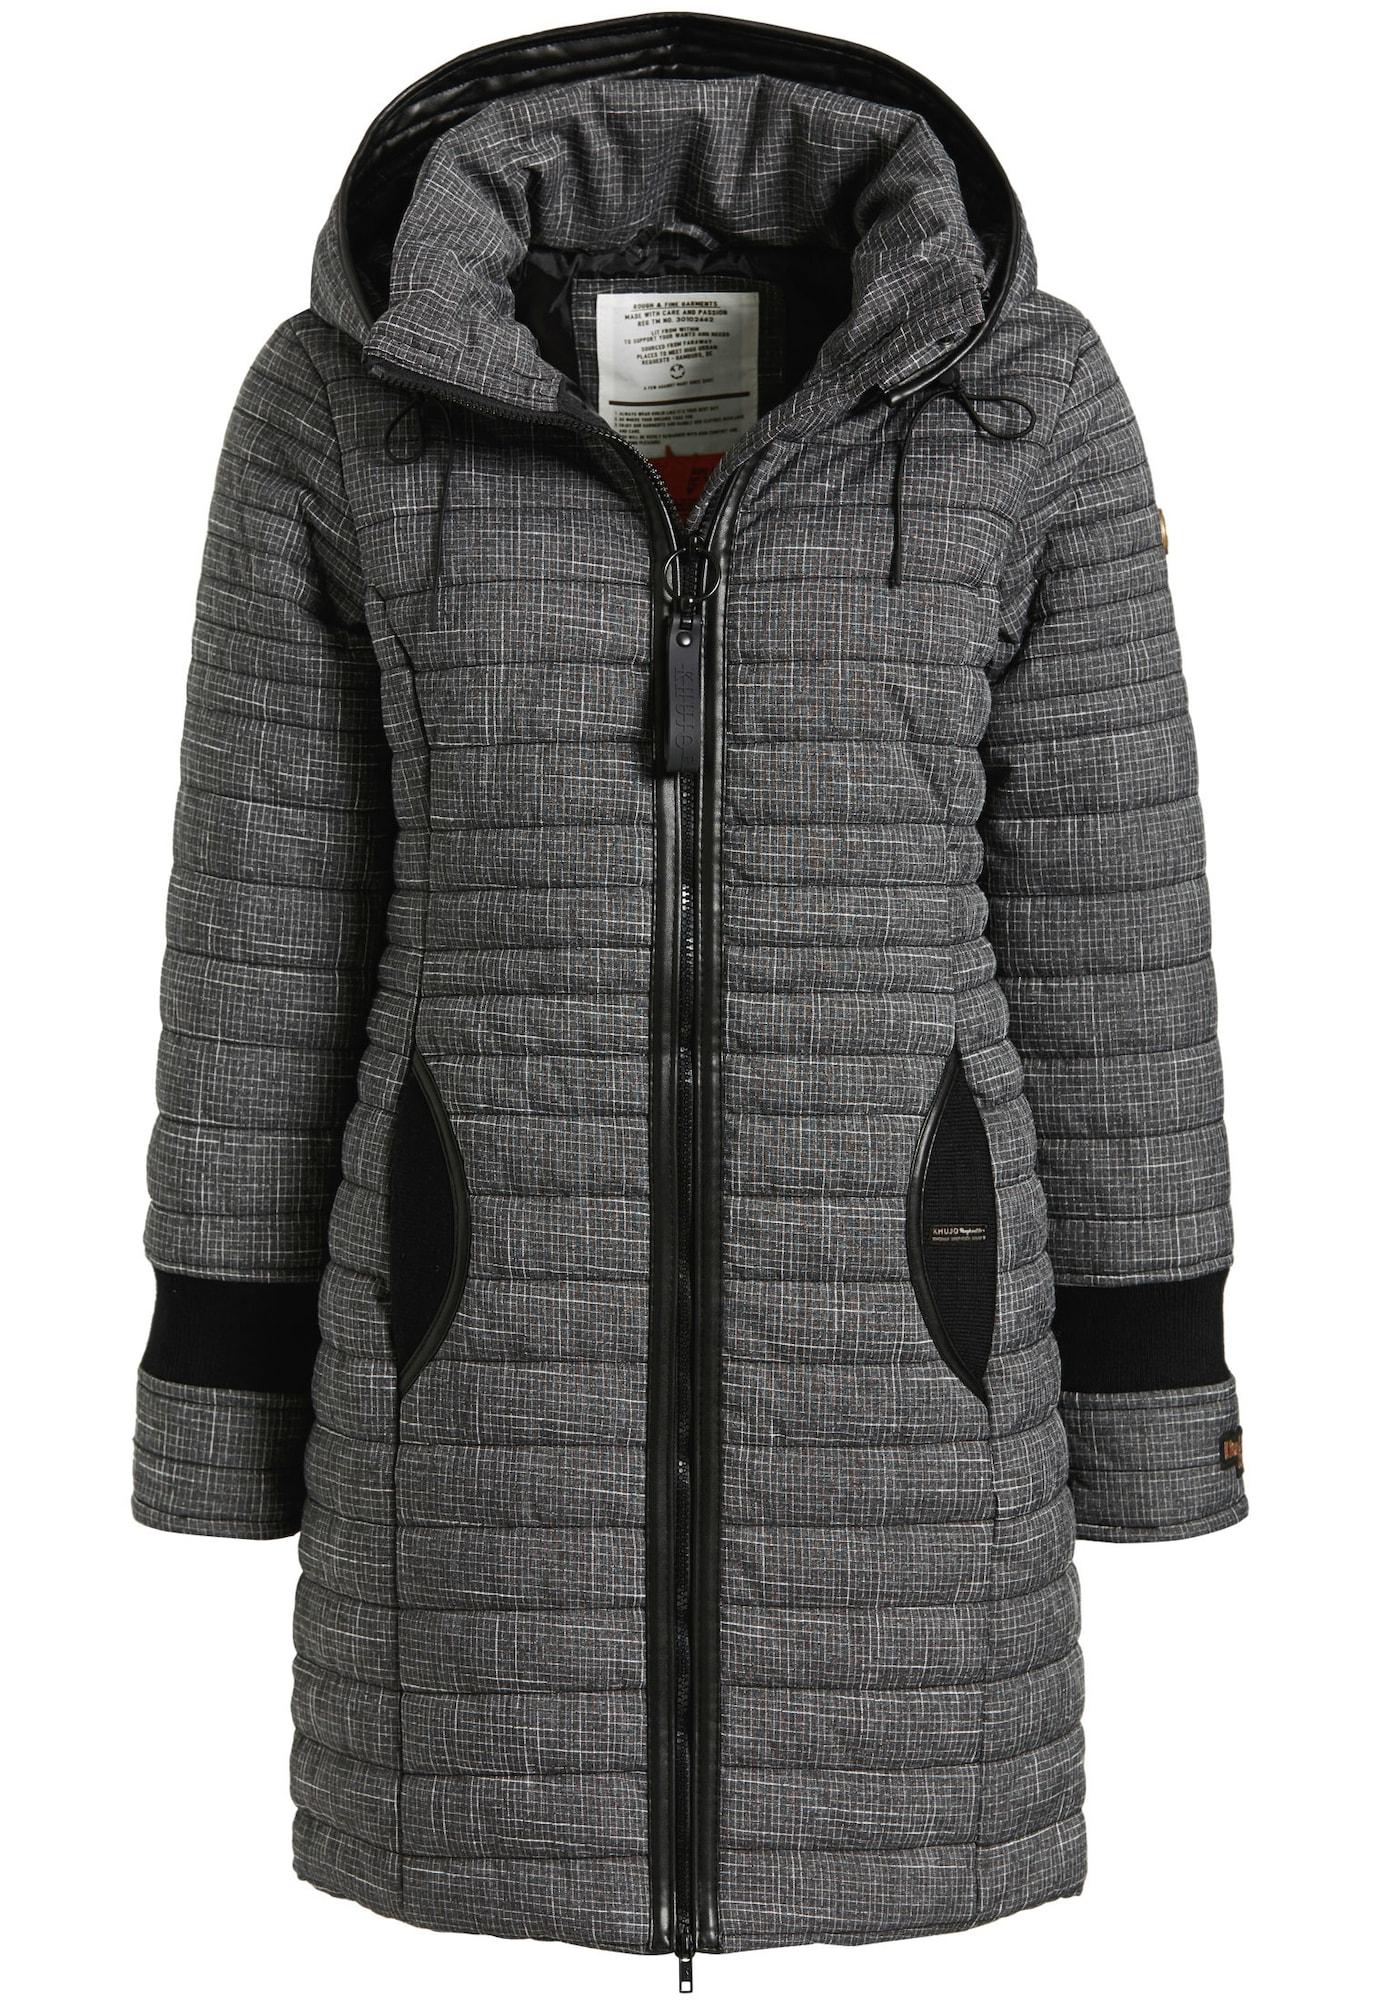 Zimní bunda DAILY2 šedá černá Khujo